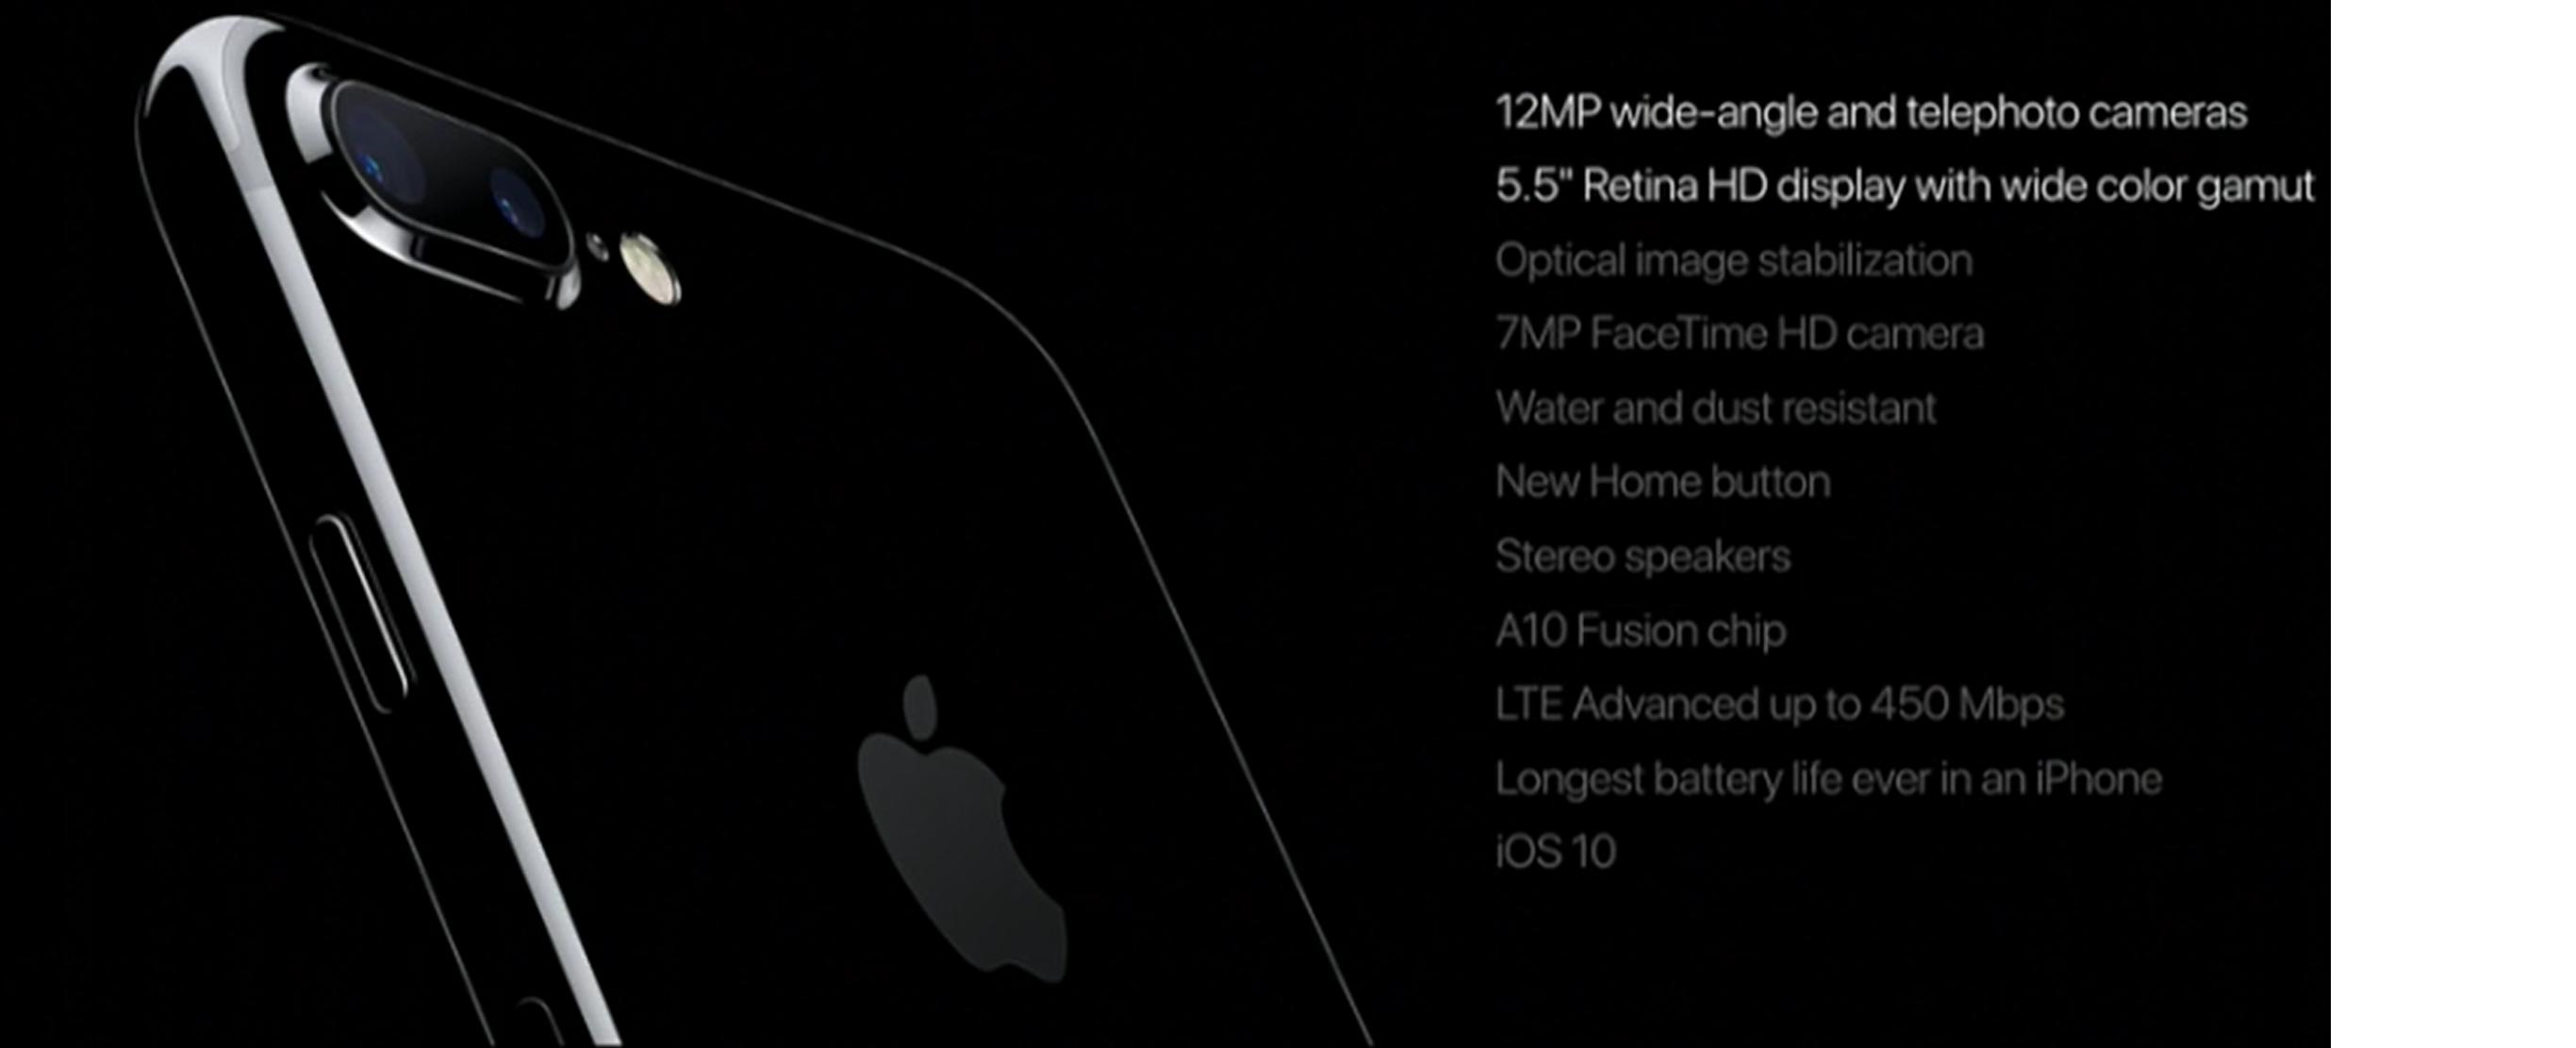 iphone 7 plus especificaciones tecnicas